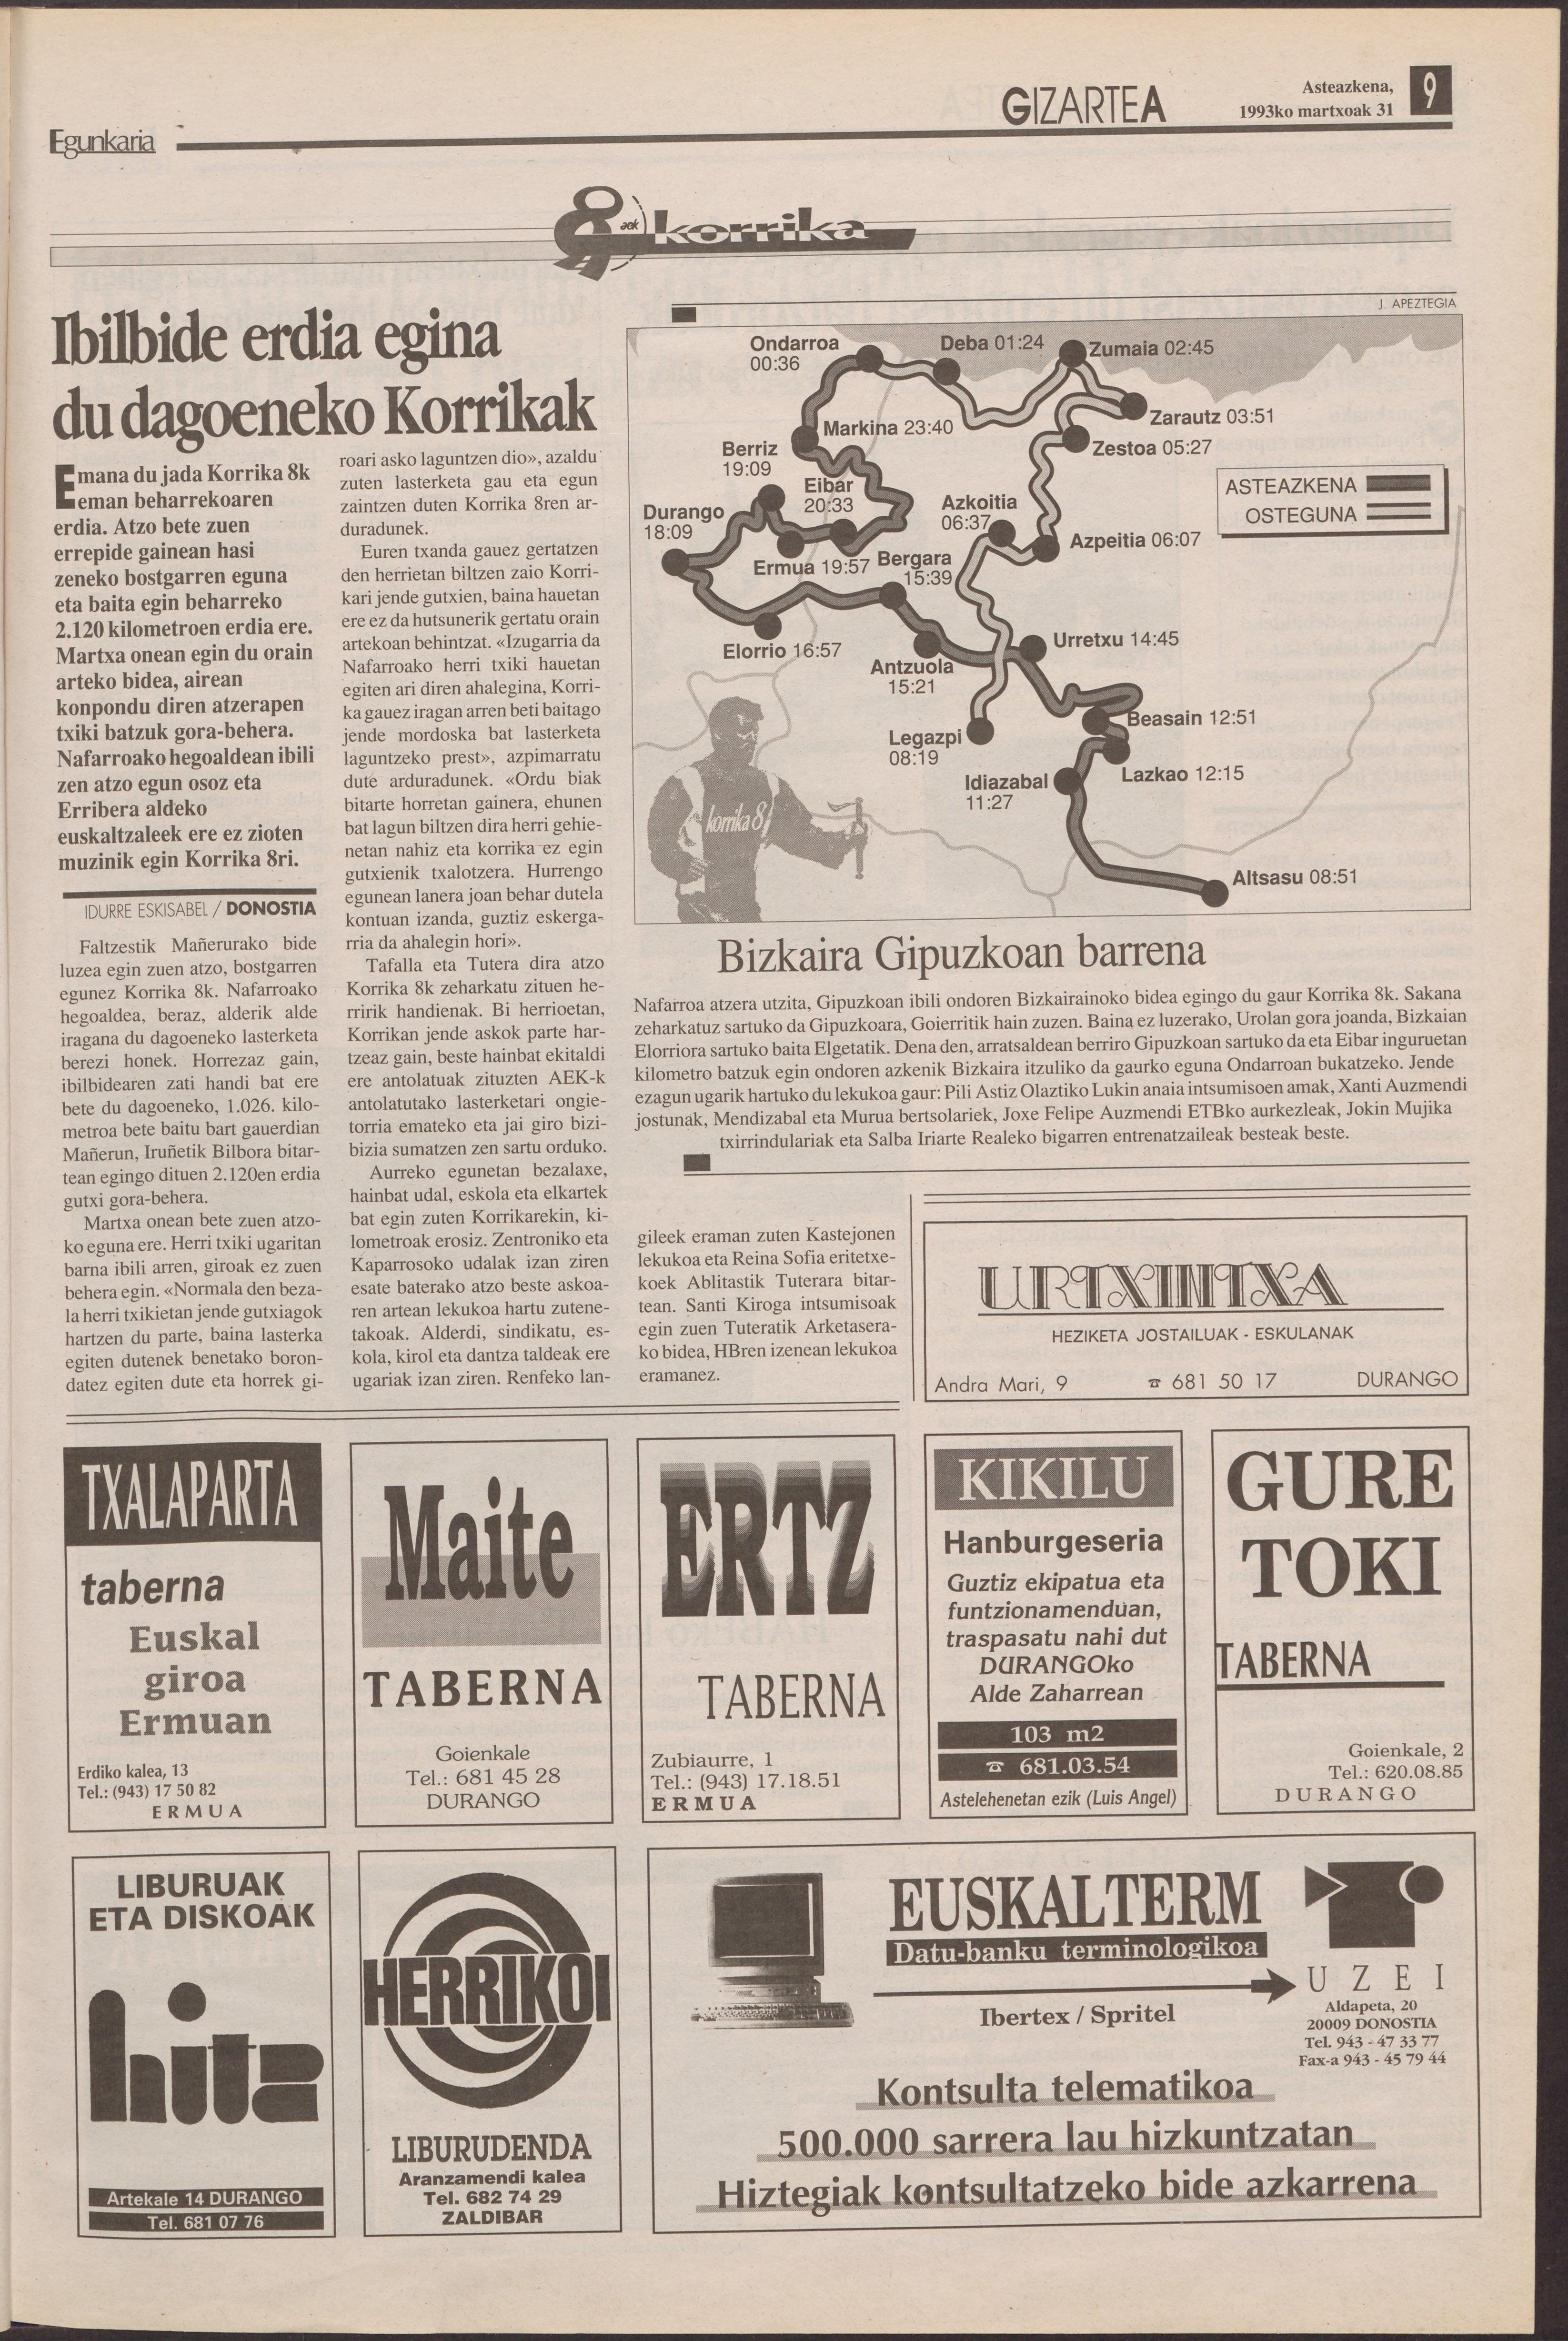 1993ko martxoak 31, 09. orrialdea